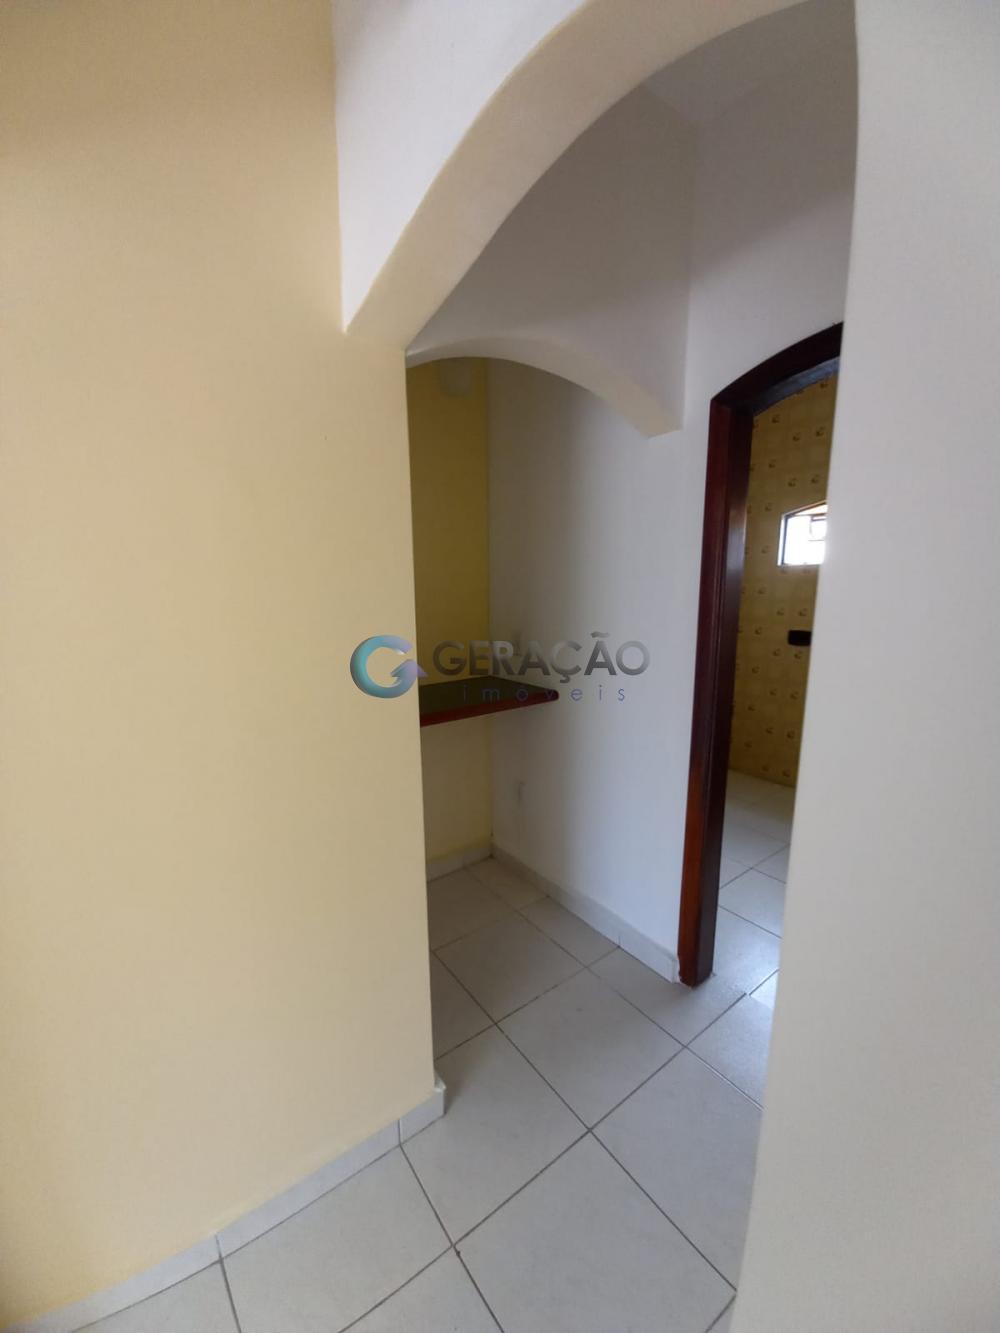 Alugar Comercial / Ponto Comercial em São José dos Campos R$ 1.400,00 - Foto 3